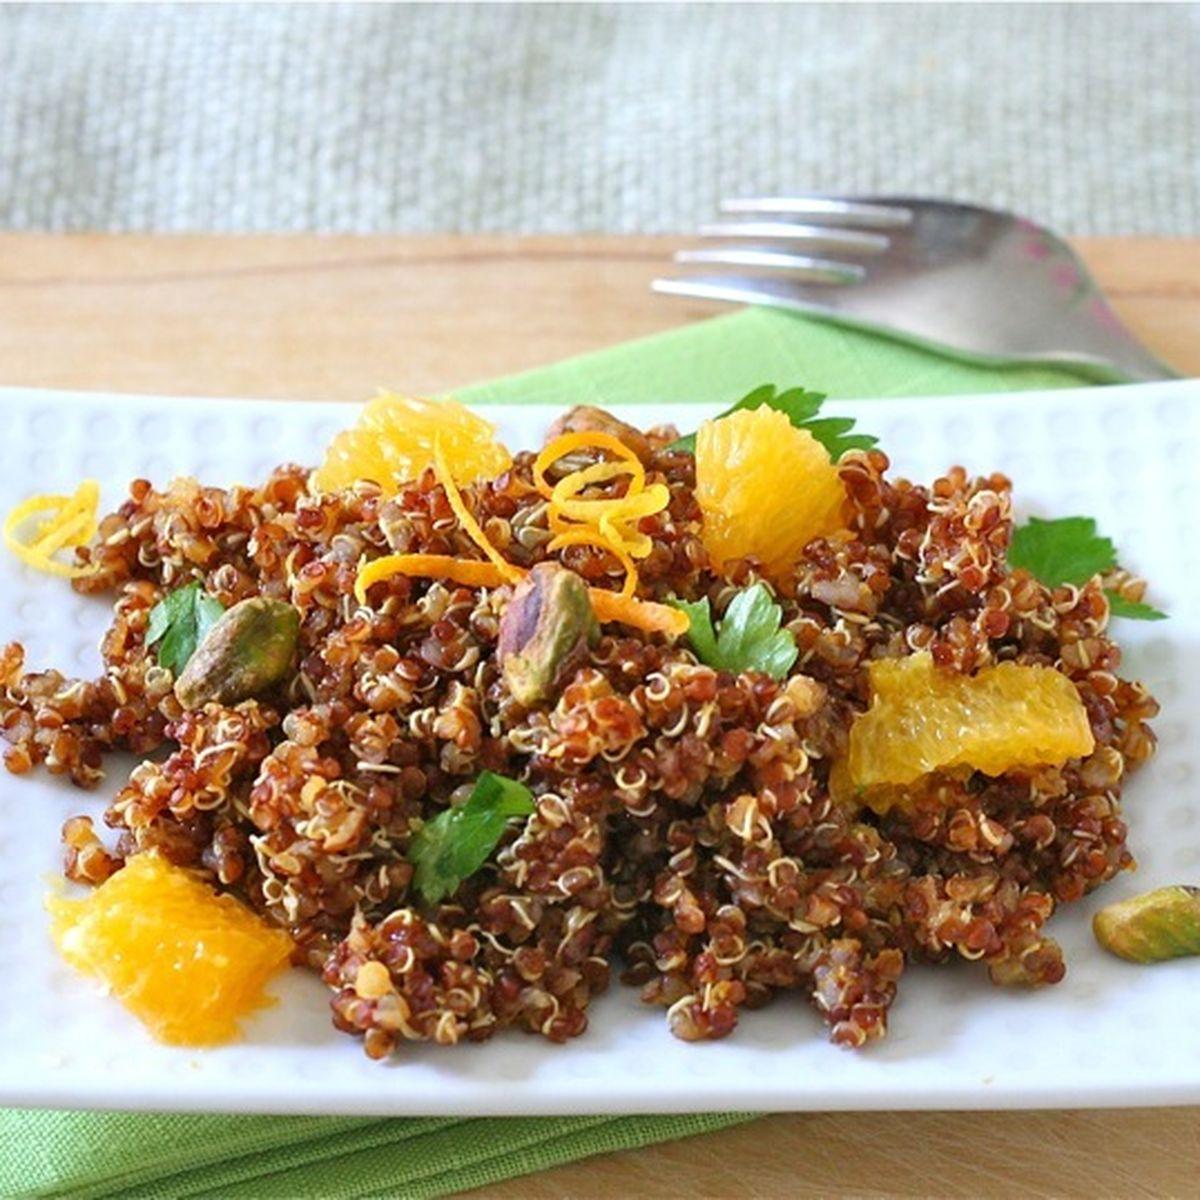 Red Quinoa Salad with Citrus and Pistachios